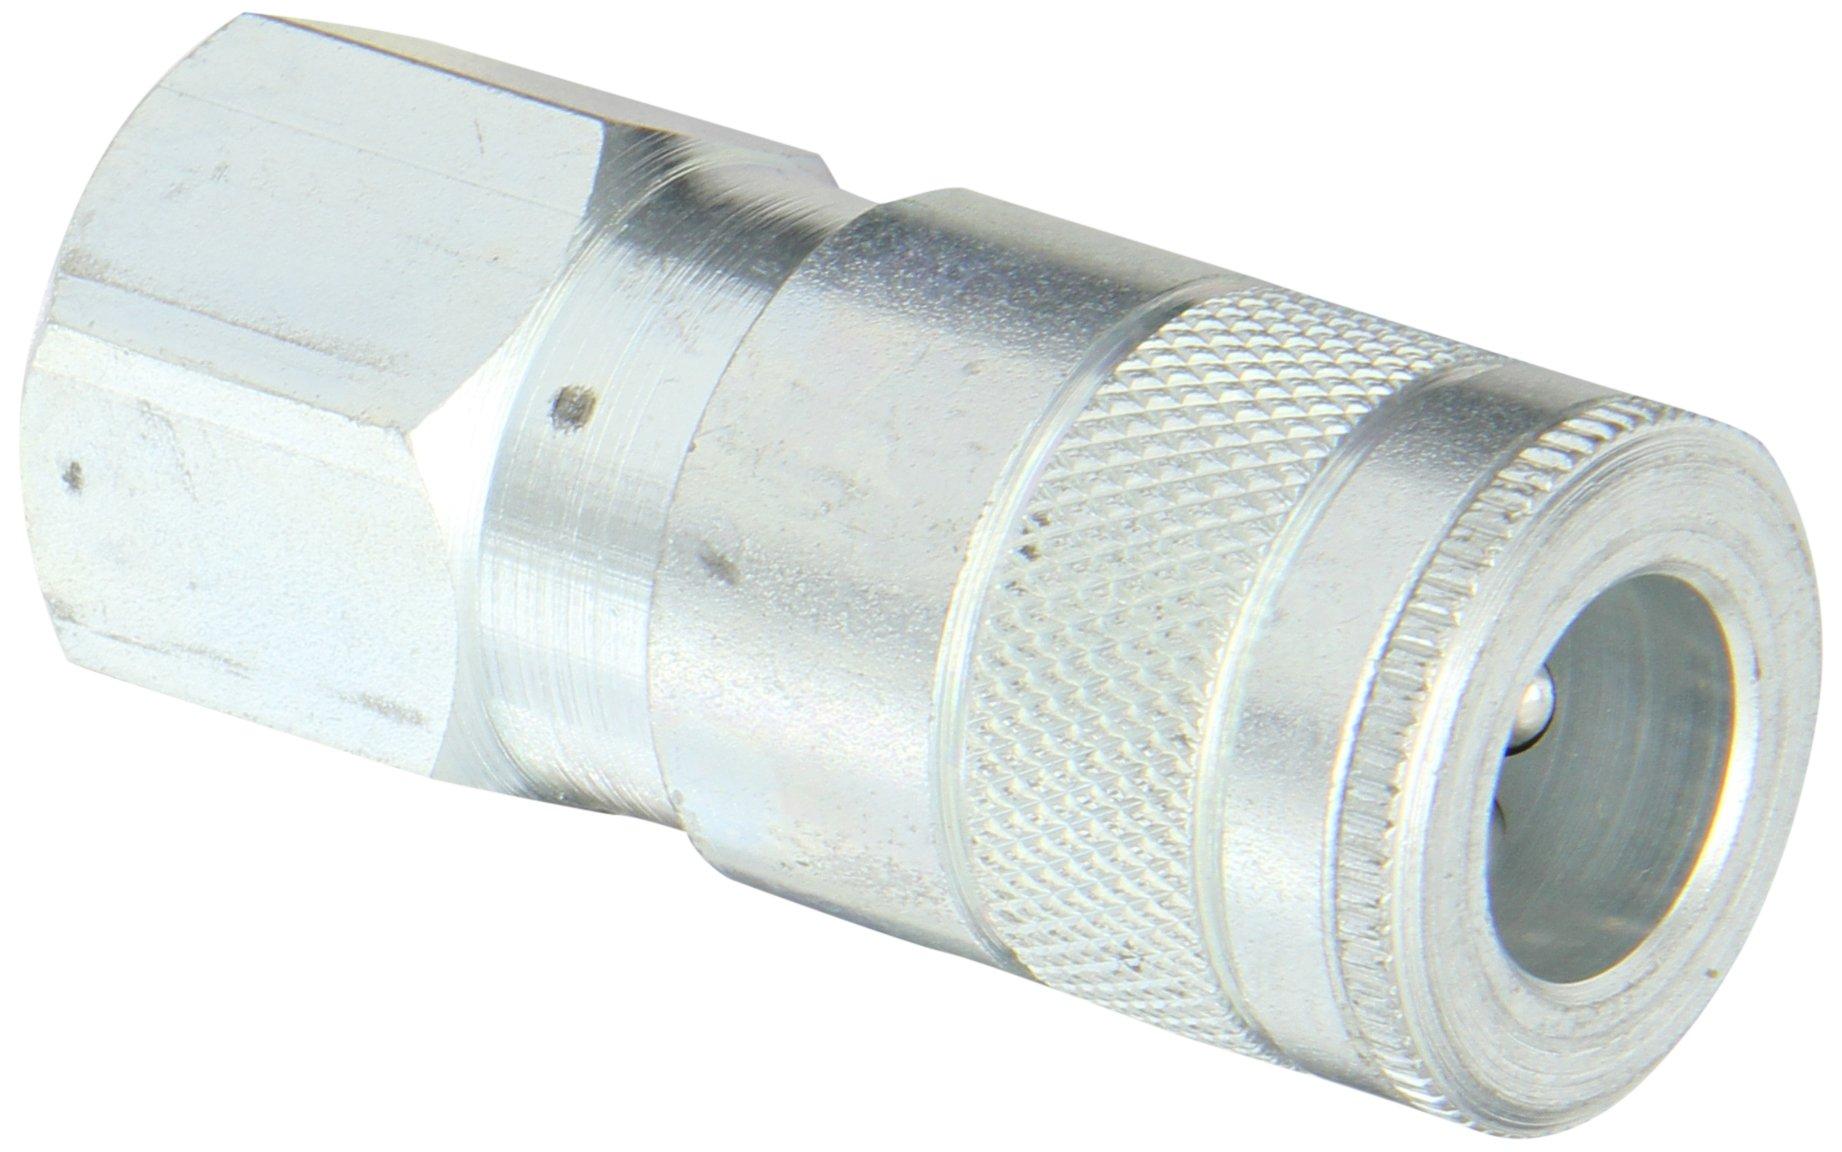 Dixon Valve DC624 Steel Air Chief Automotive Interchange Quick-Connect Air Hose Socket, 3/8'' Coupler x 1/2'' NPT Female Thread, 70 CFM Flow Rating